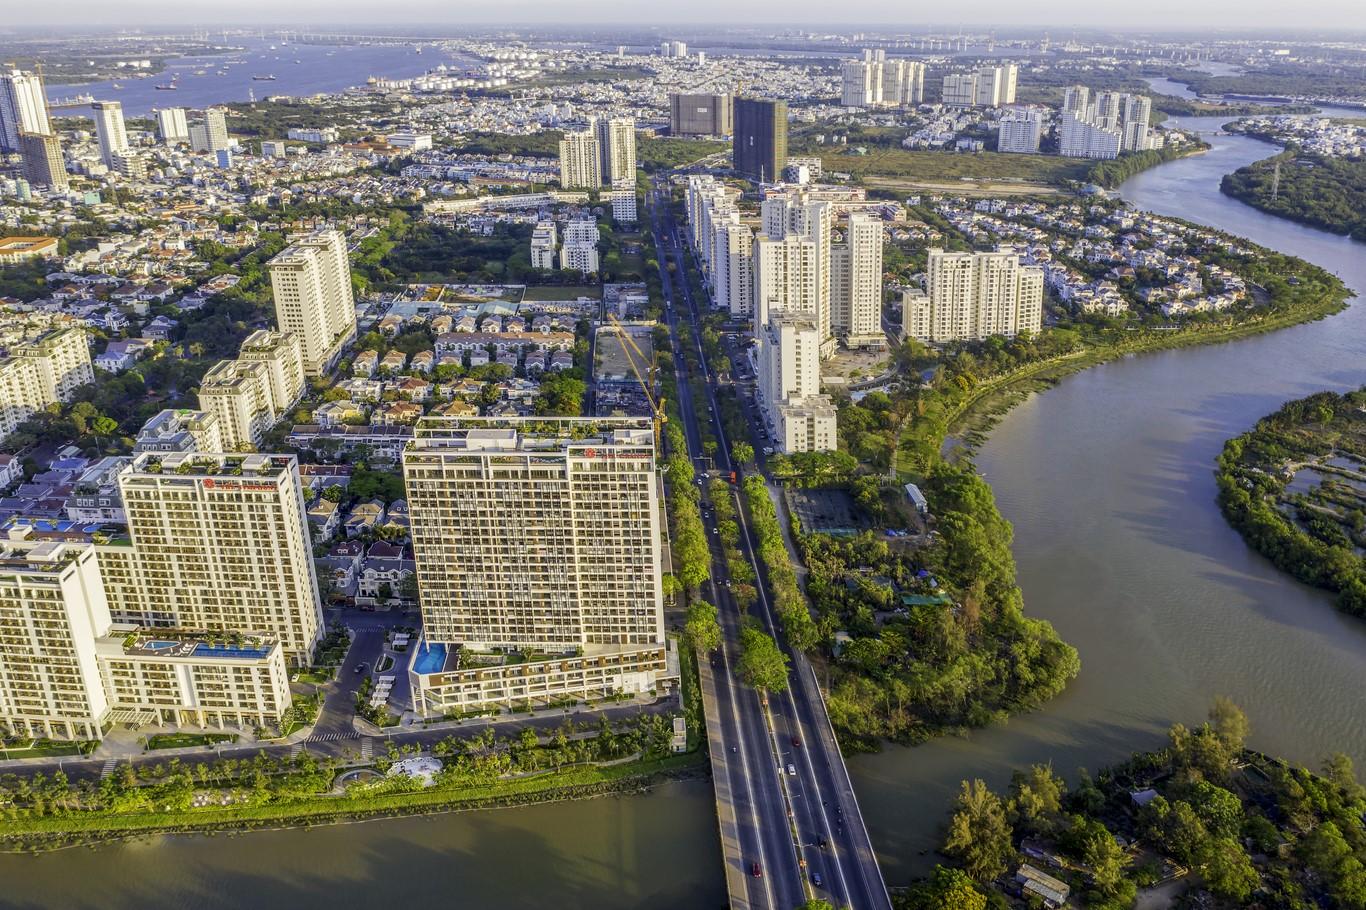 Nhờ vị trí chiến lược, kết nối trực tiếp đến trung tâm CBD qua trục đường thương mại Nguyễn Lương Bằng mà khu Midtown và Nam Viên hưởng nhiều lợi thế của một không gian sống cao cấp gồm cả chất lượng lẫn số lượng loại hình dịch vụ, tiện ích đẳng cấp đáp ứng nhu cầu cư dân.